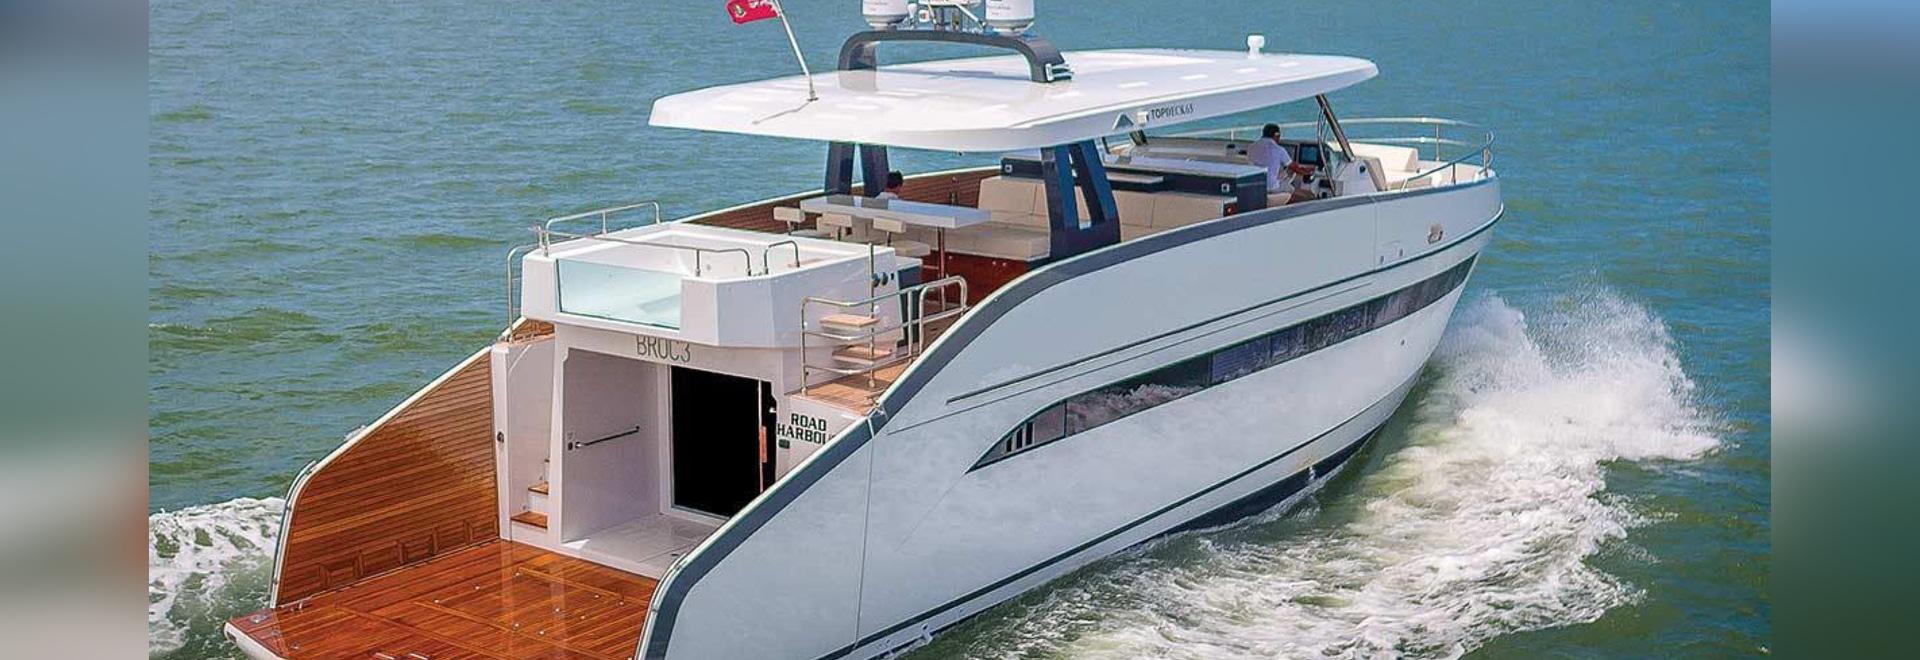 Voyez l'Astondoa 65 au salon nautique international de Fort Lauderdale